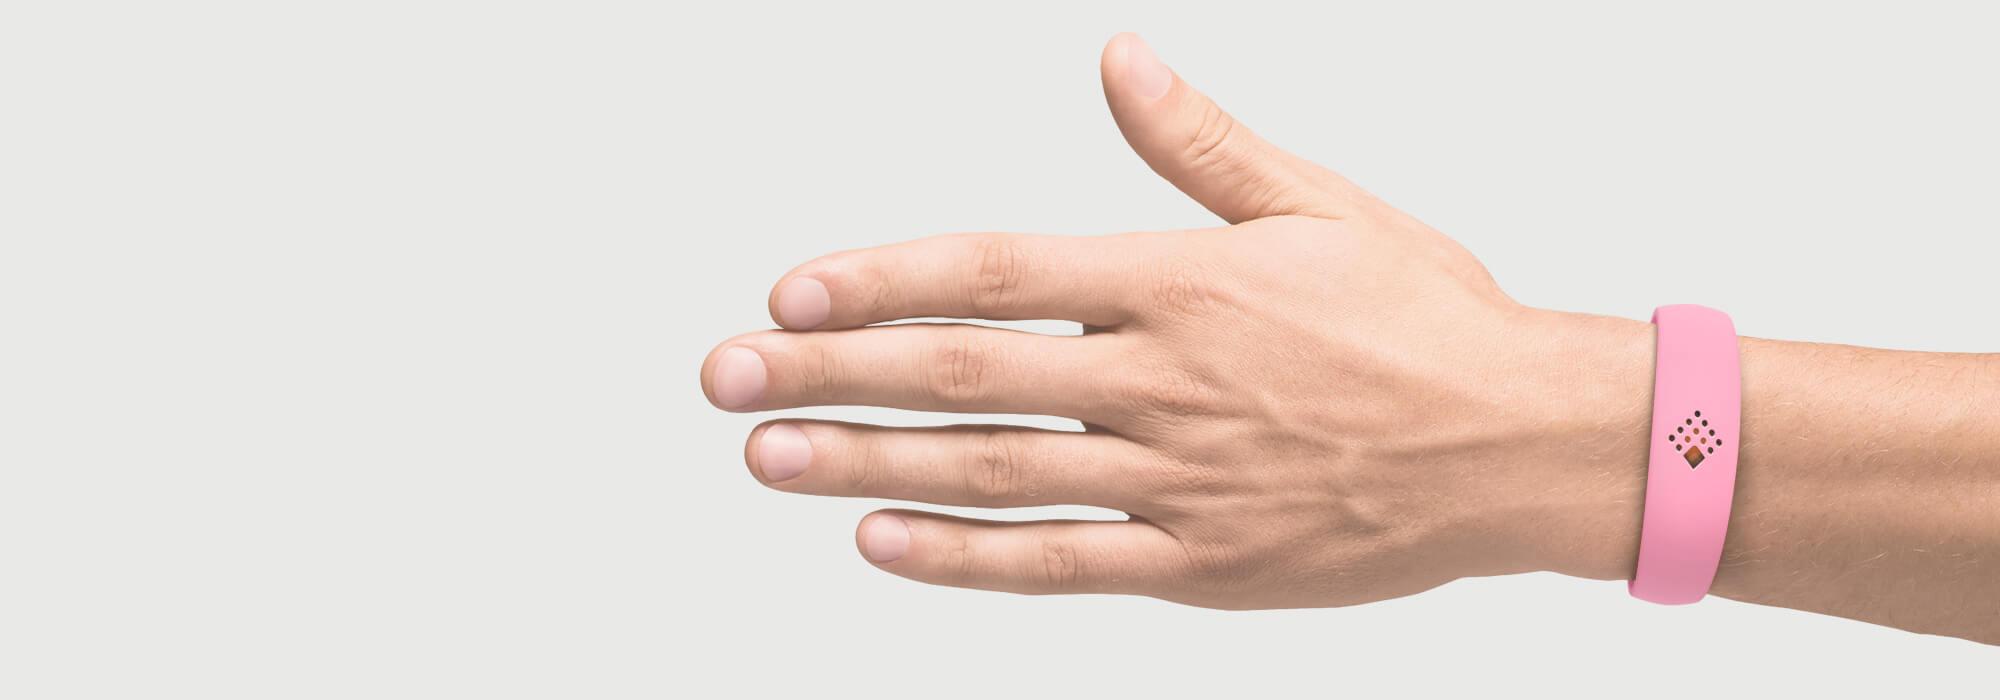 Rozā AMBRIO aproce uz vīrieša rokas